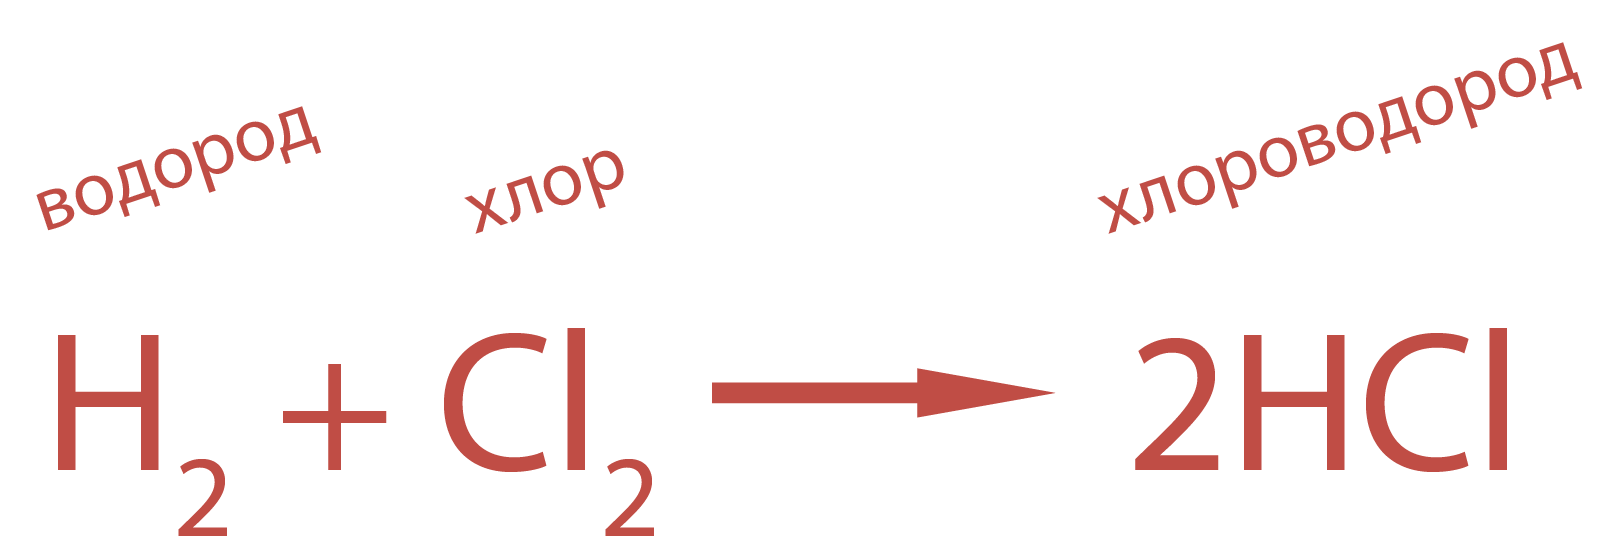 В промышленности хлороводород получают синтетическим путем